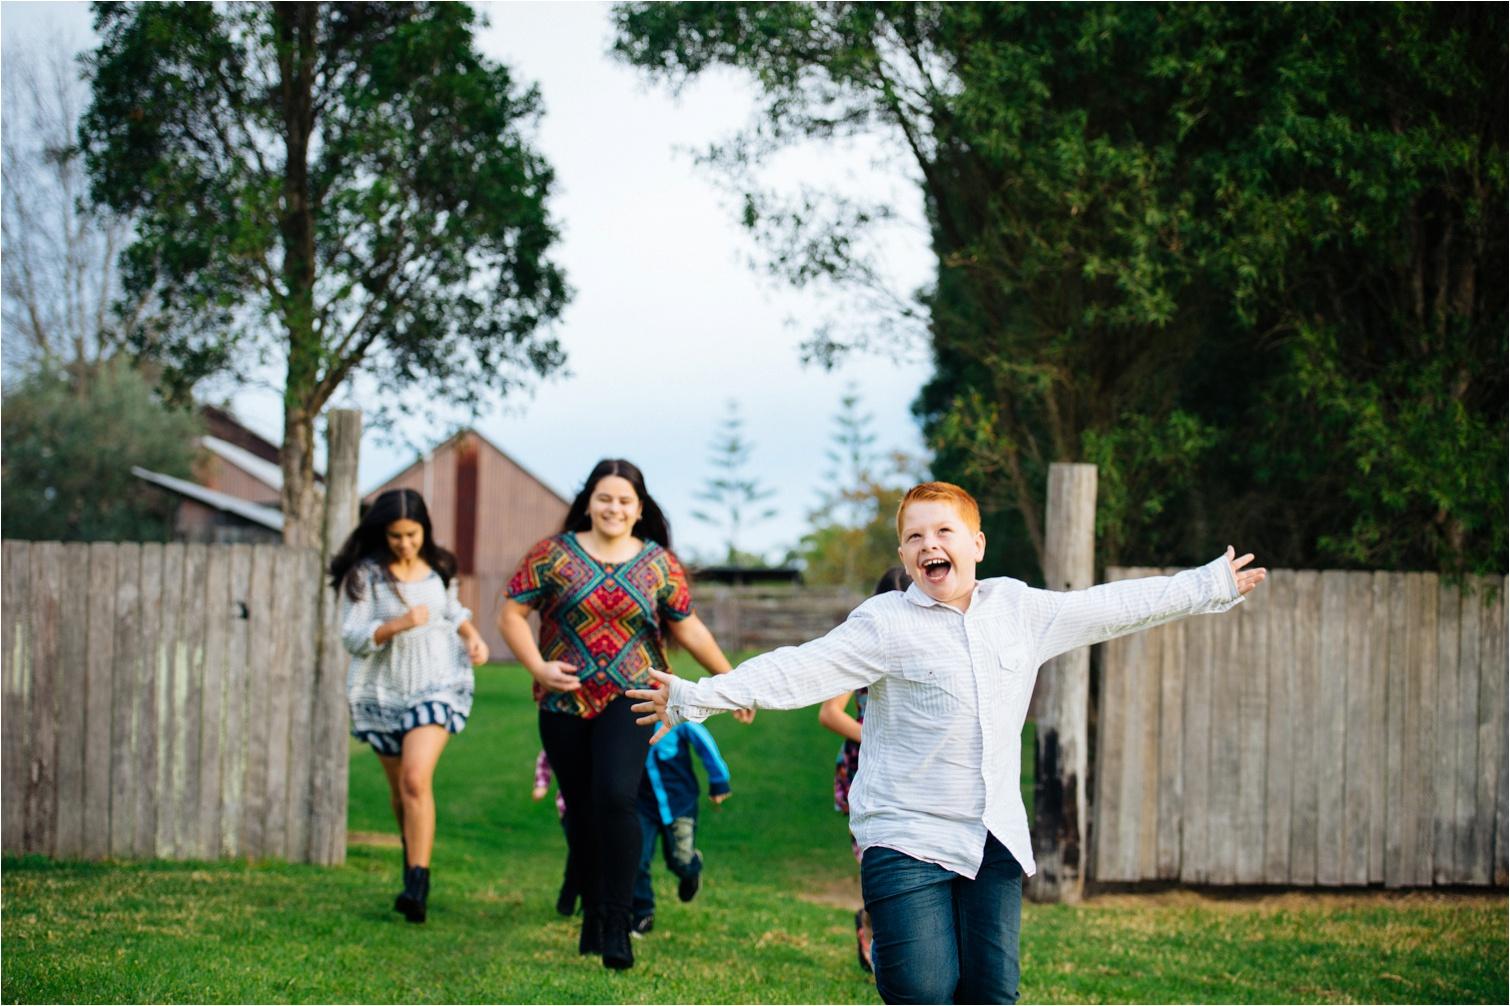 park-family-photos_gold-coast-13.jpg